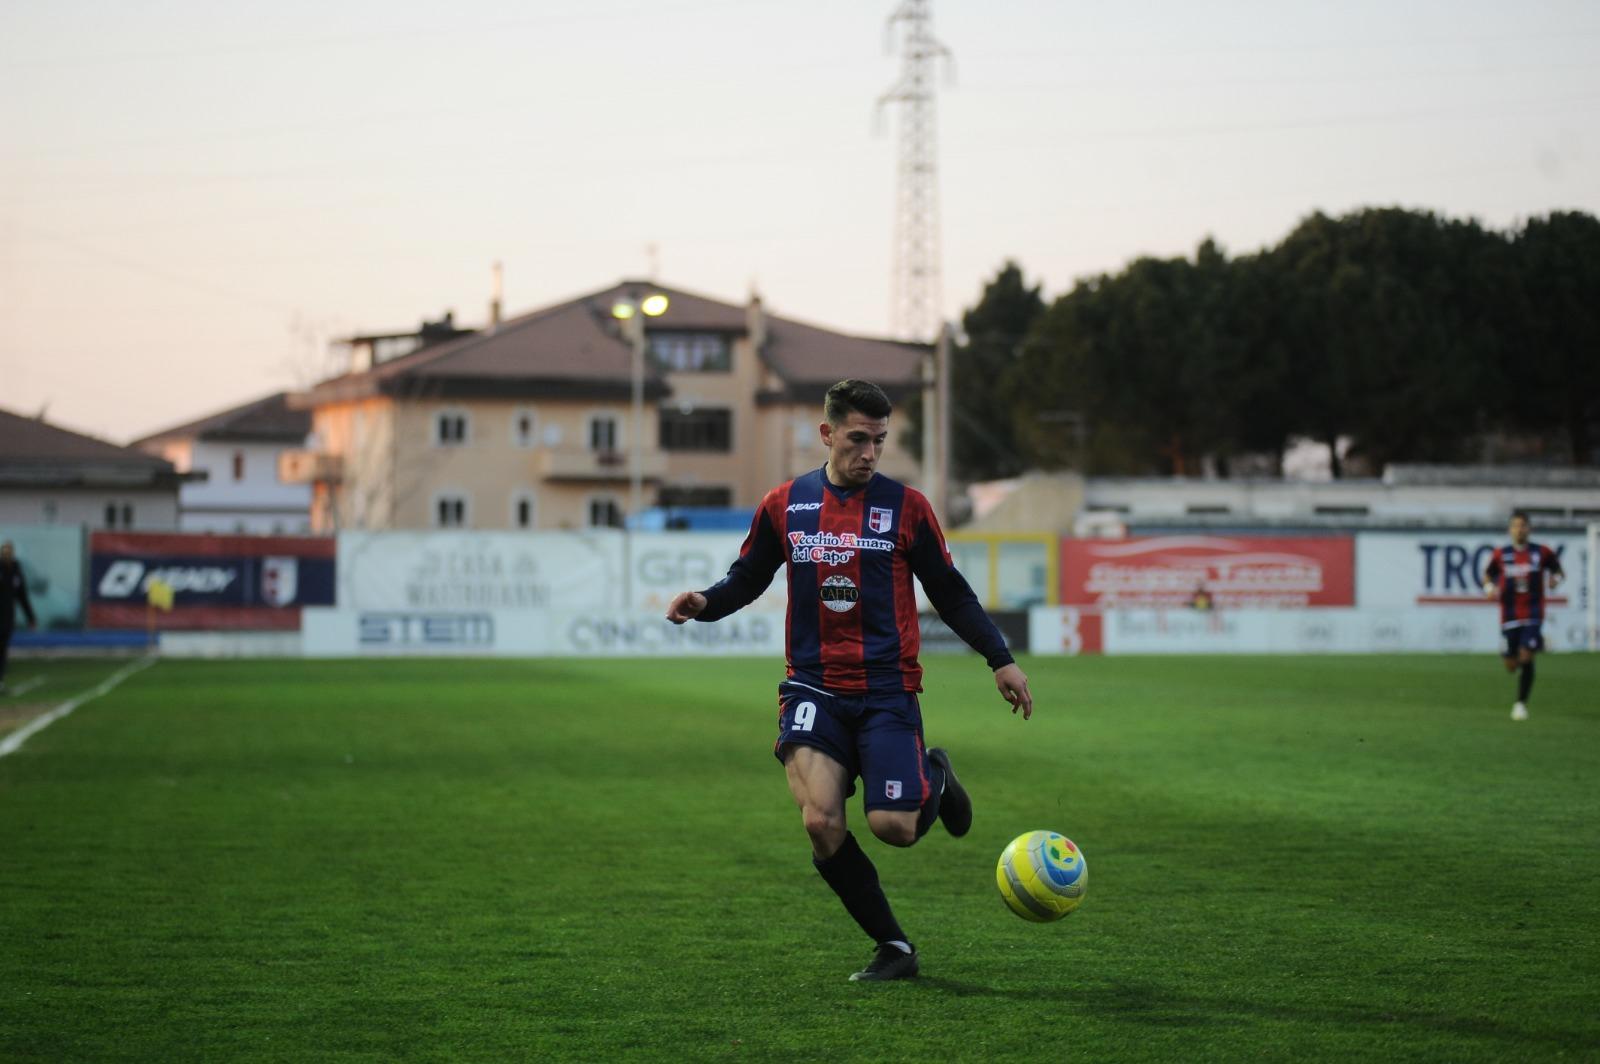 VERSO VIBONESE - PAGANESE | Parla Ignazio Battista immagine 14558 US Vibonese Calcio